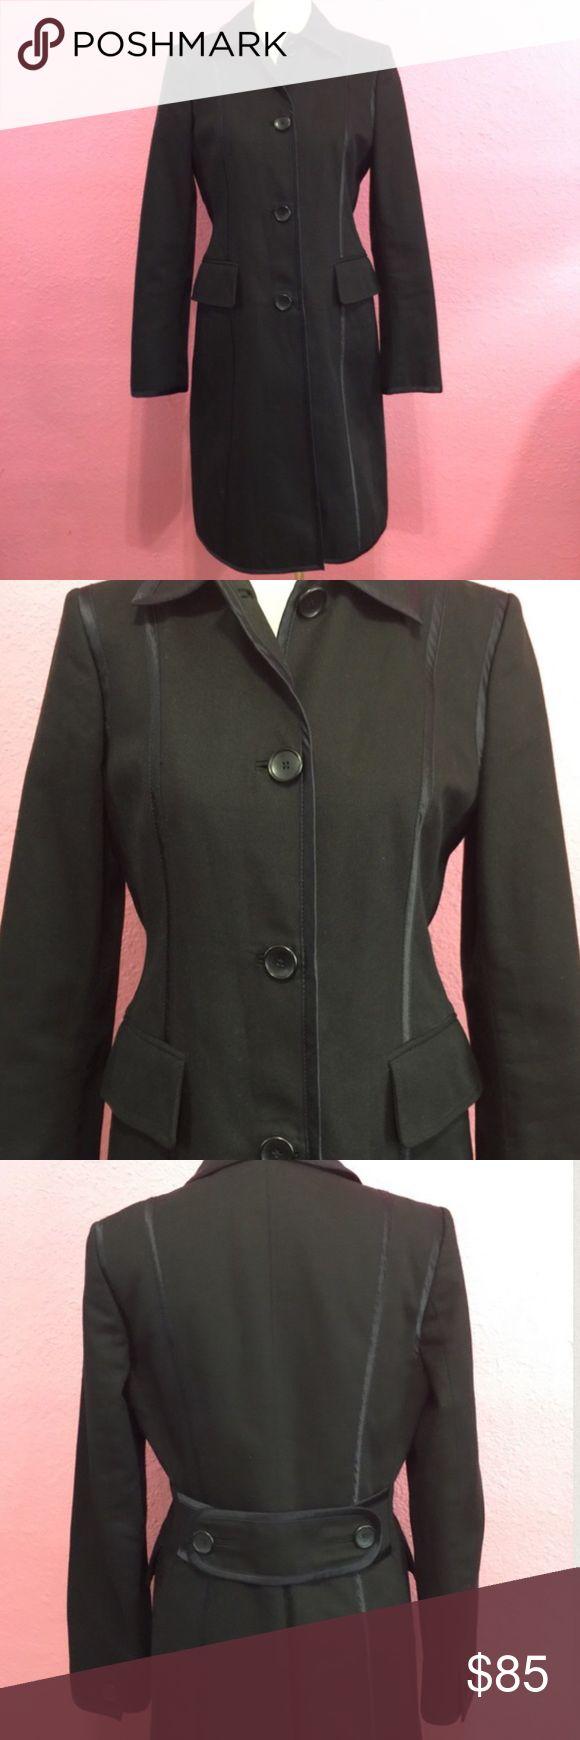 Banana Republic black trench coat Banana Republic black trench coat   Heavy cotton/ canvas material Banana Republic Jackets & Coats Trench Coats